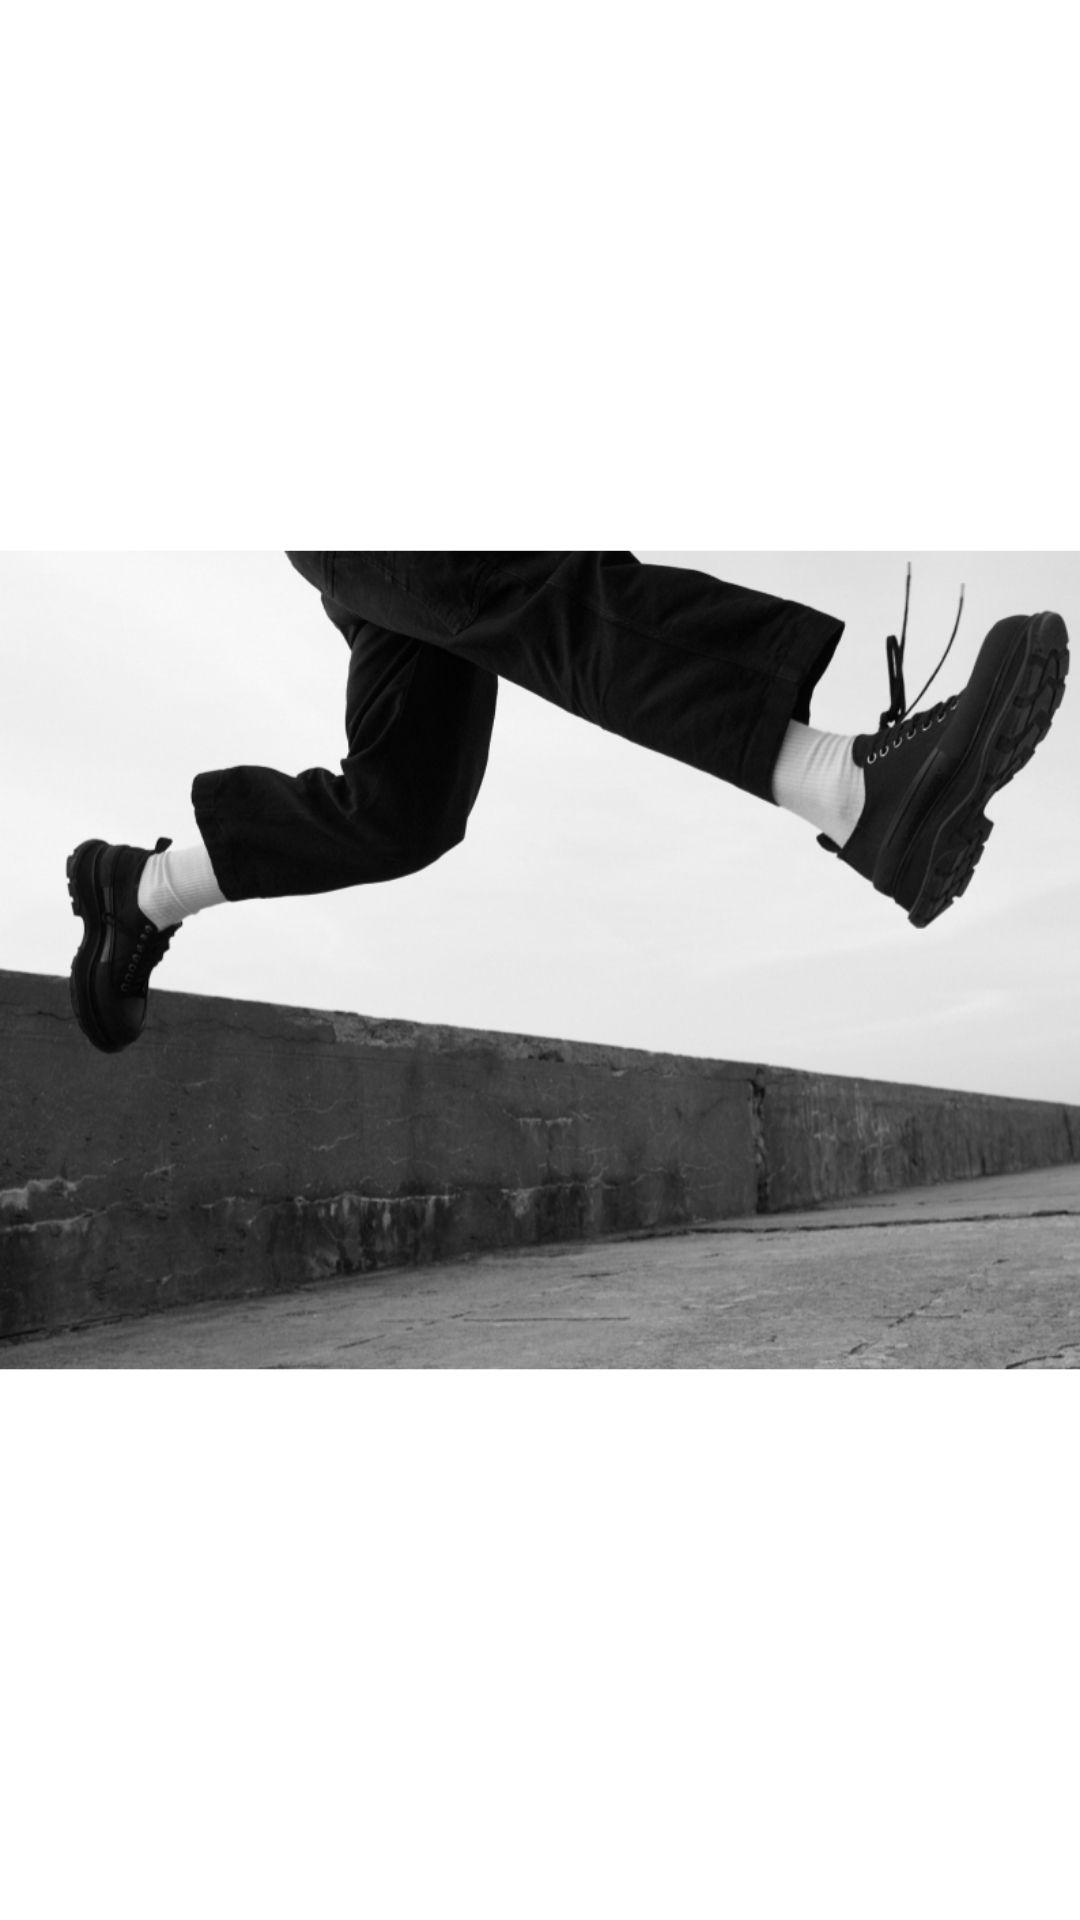 Alexander McQueen Treas Slick Sneaker Shoe